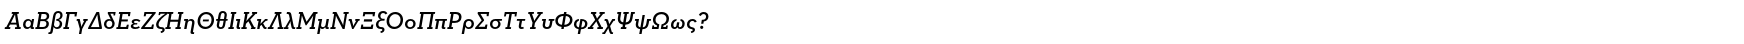 NeutrafaceSlabTextPro-DemiItalic.otf